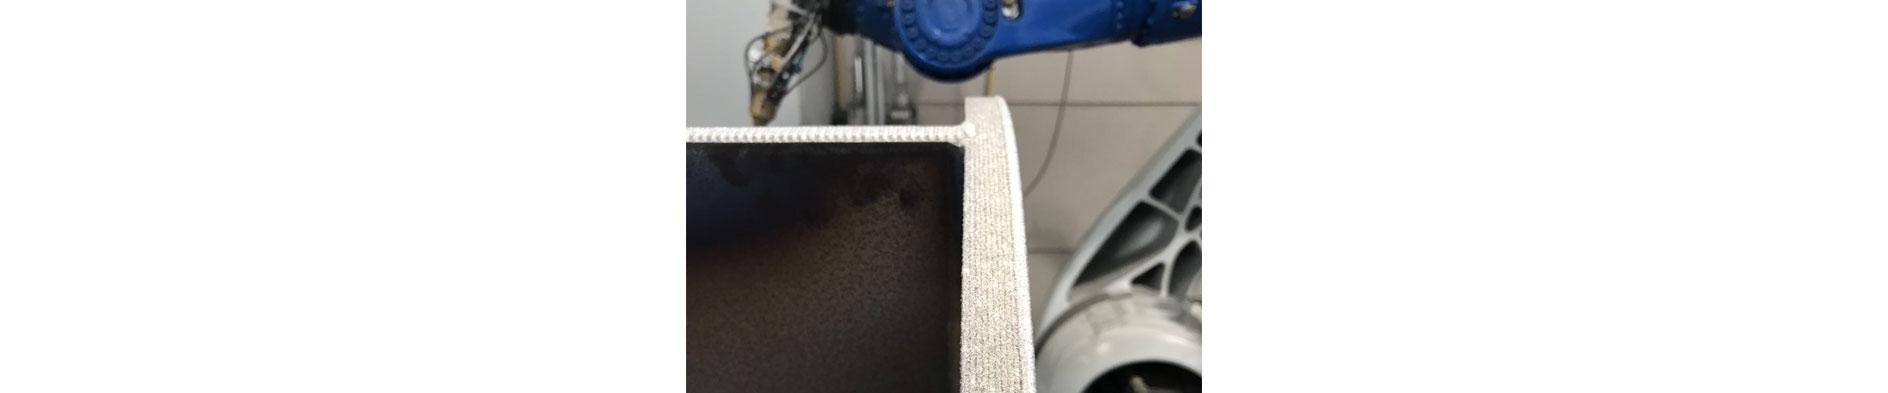 laser-pulver-auftragsschweissen-03